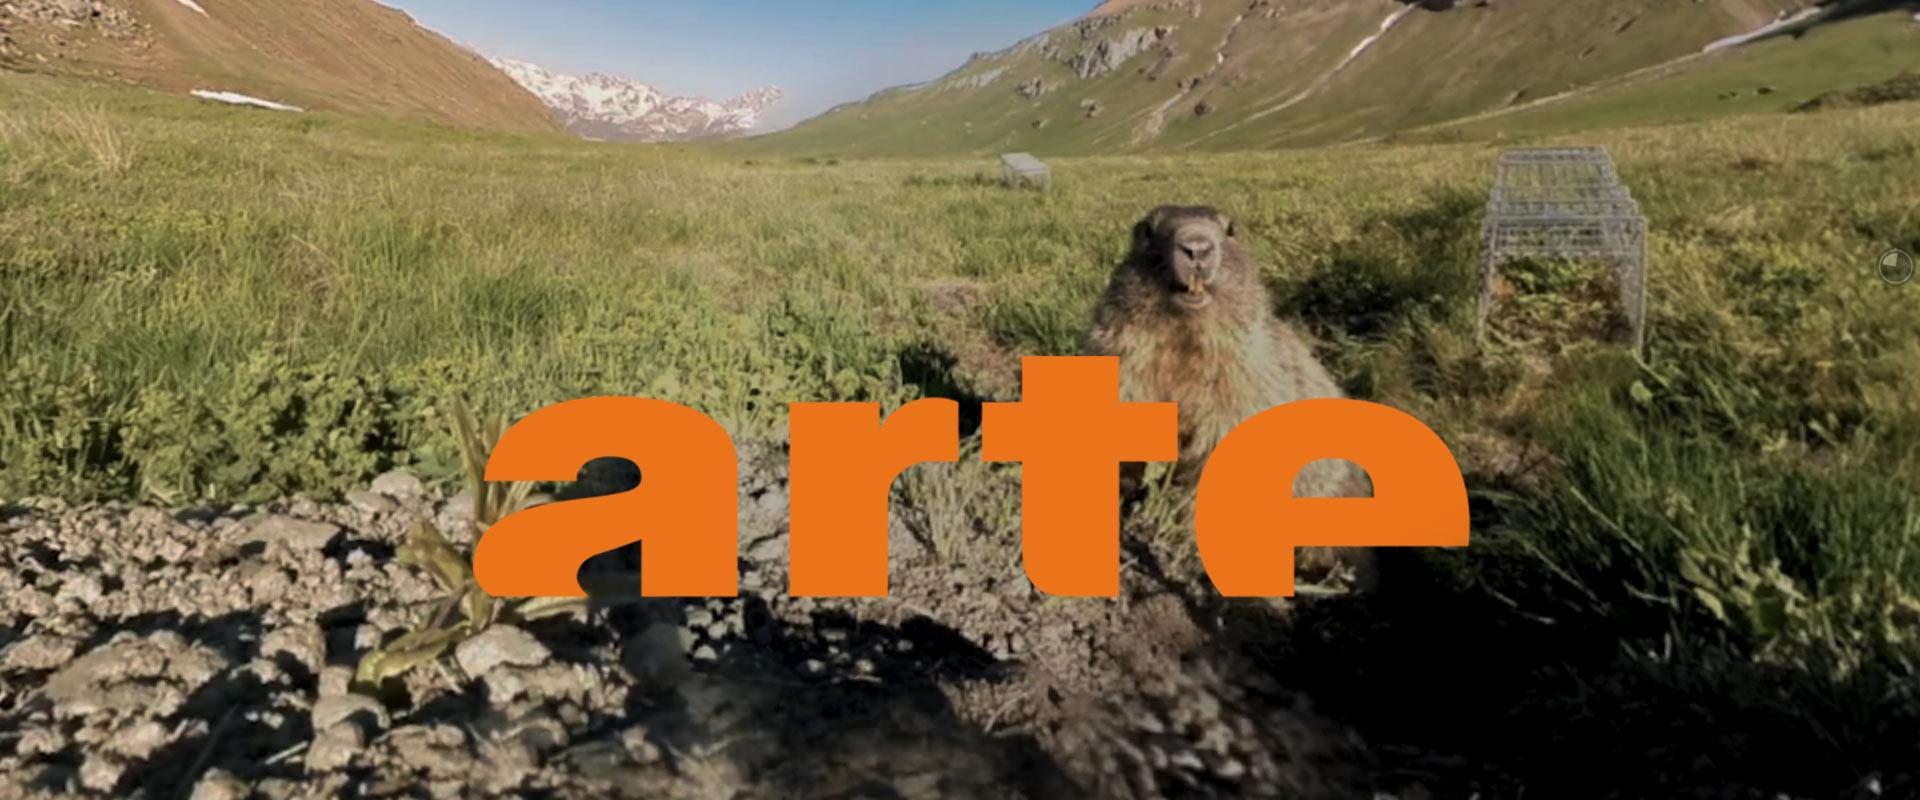 Film marmottes pour Arte